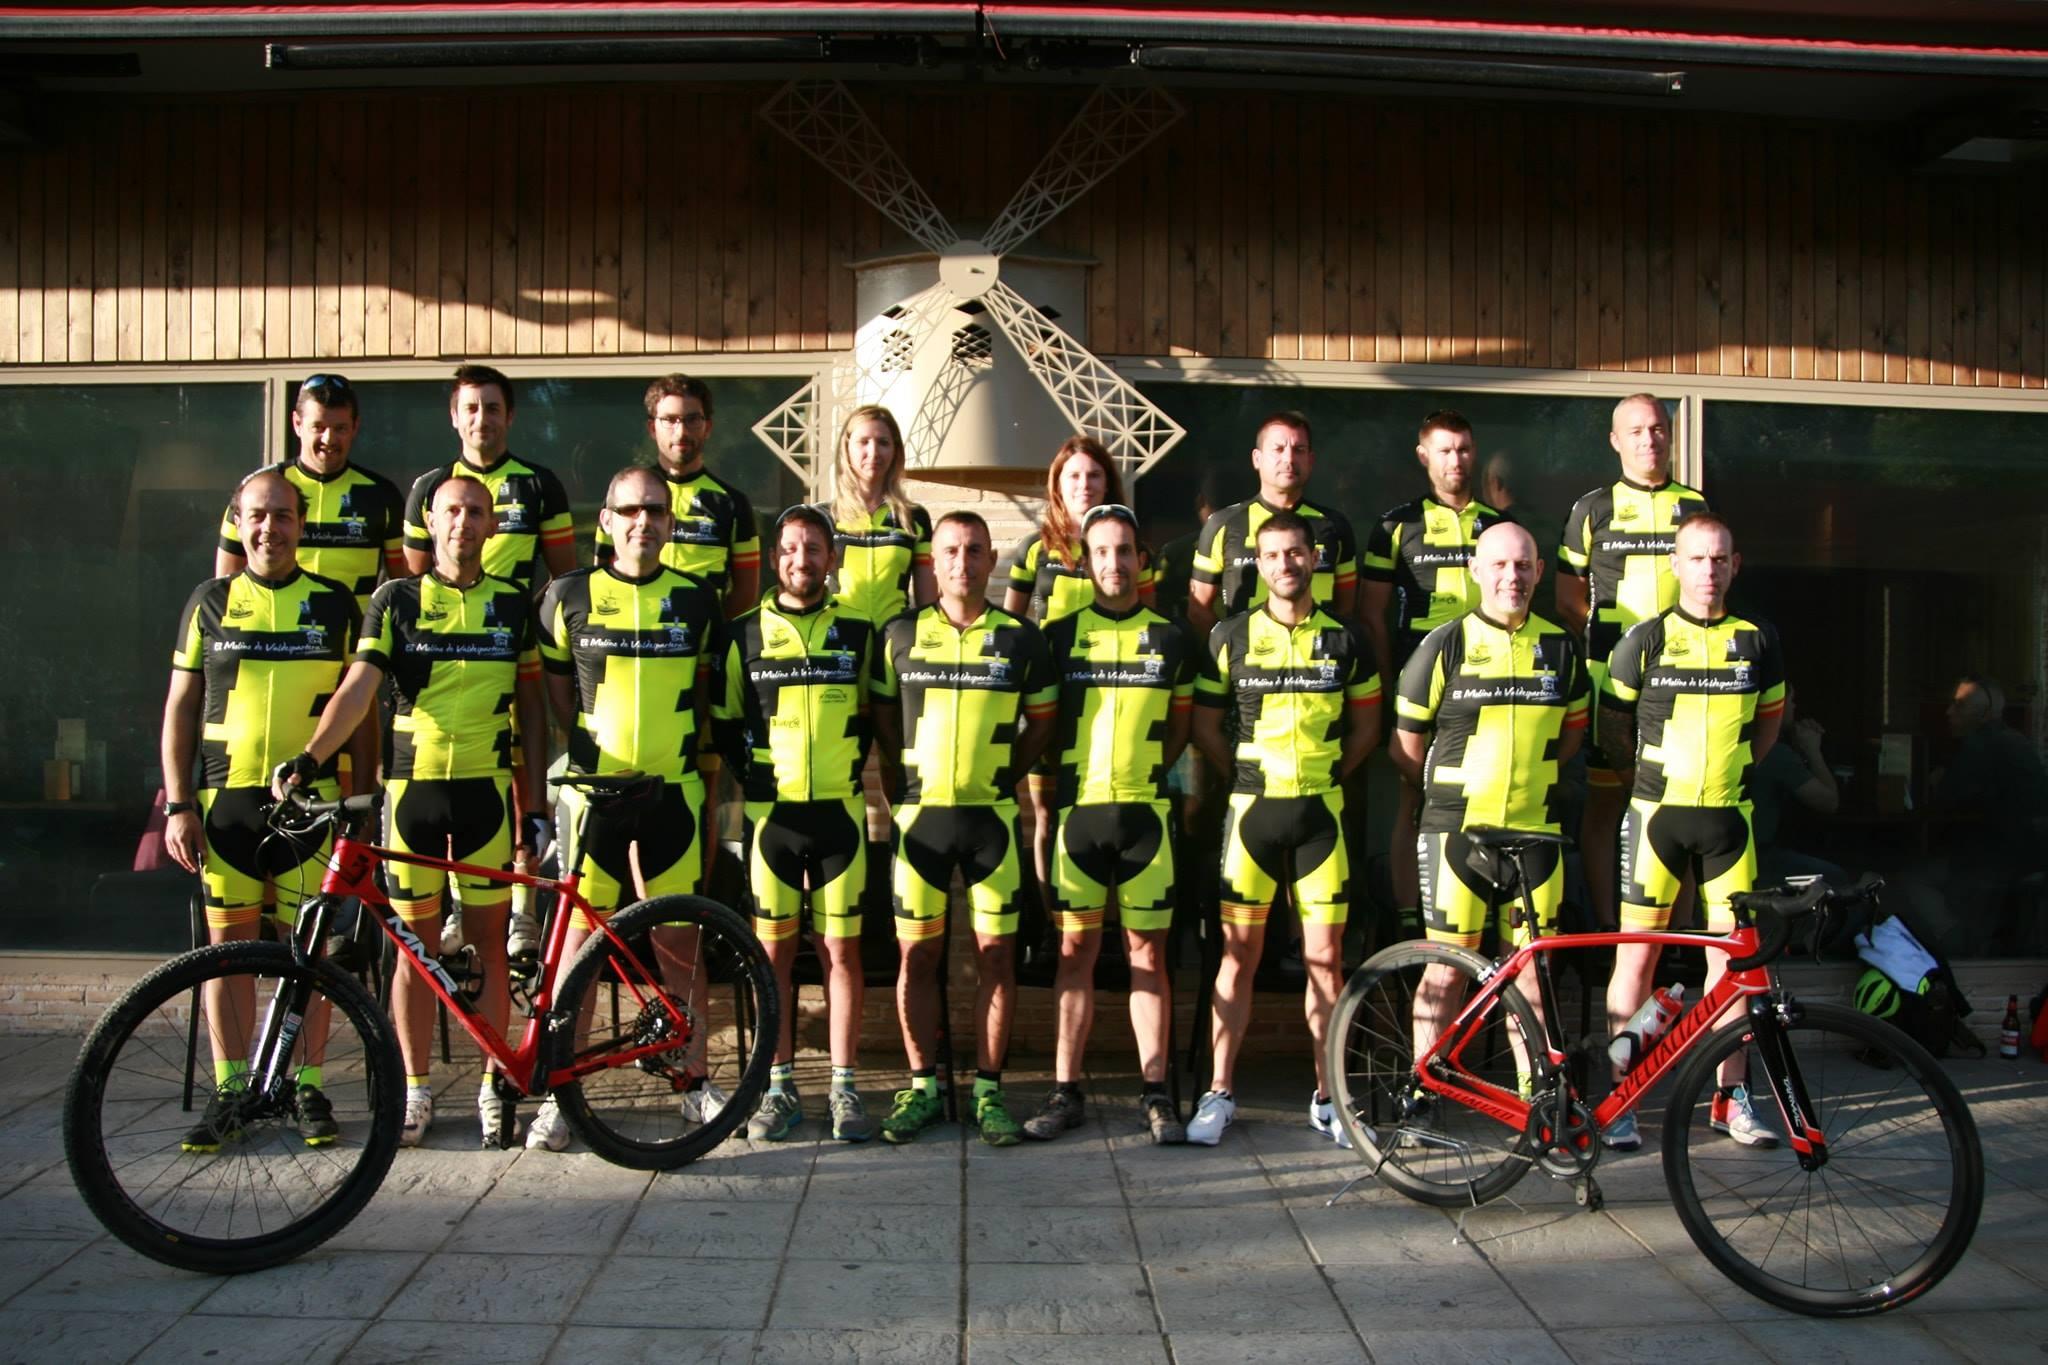 Club Ciclista El Molino de Valdespartera